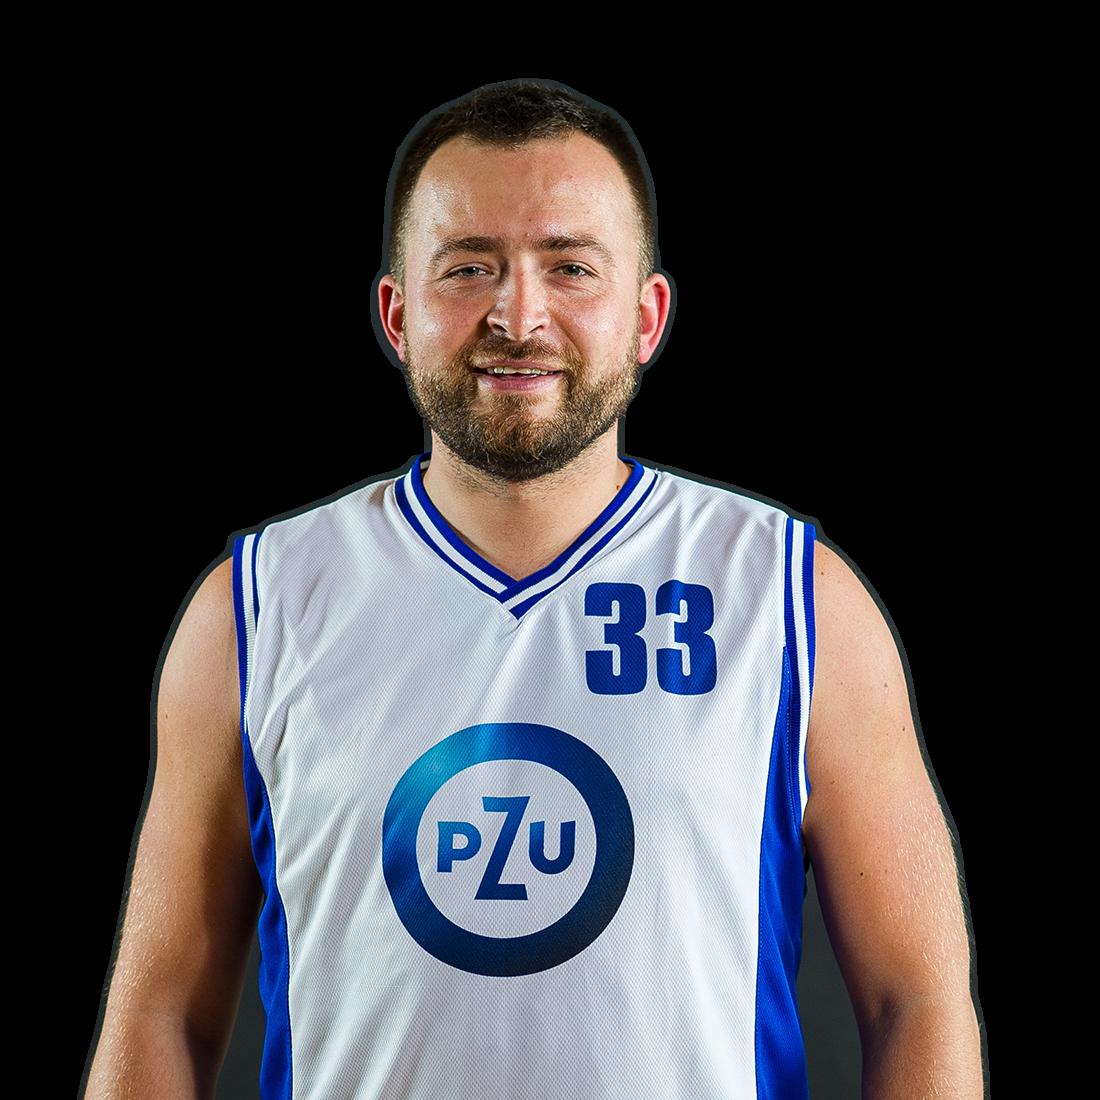 Łukasz Polkowski